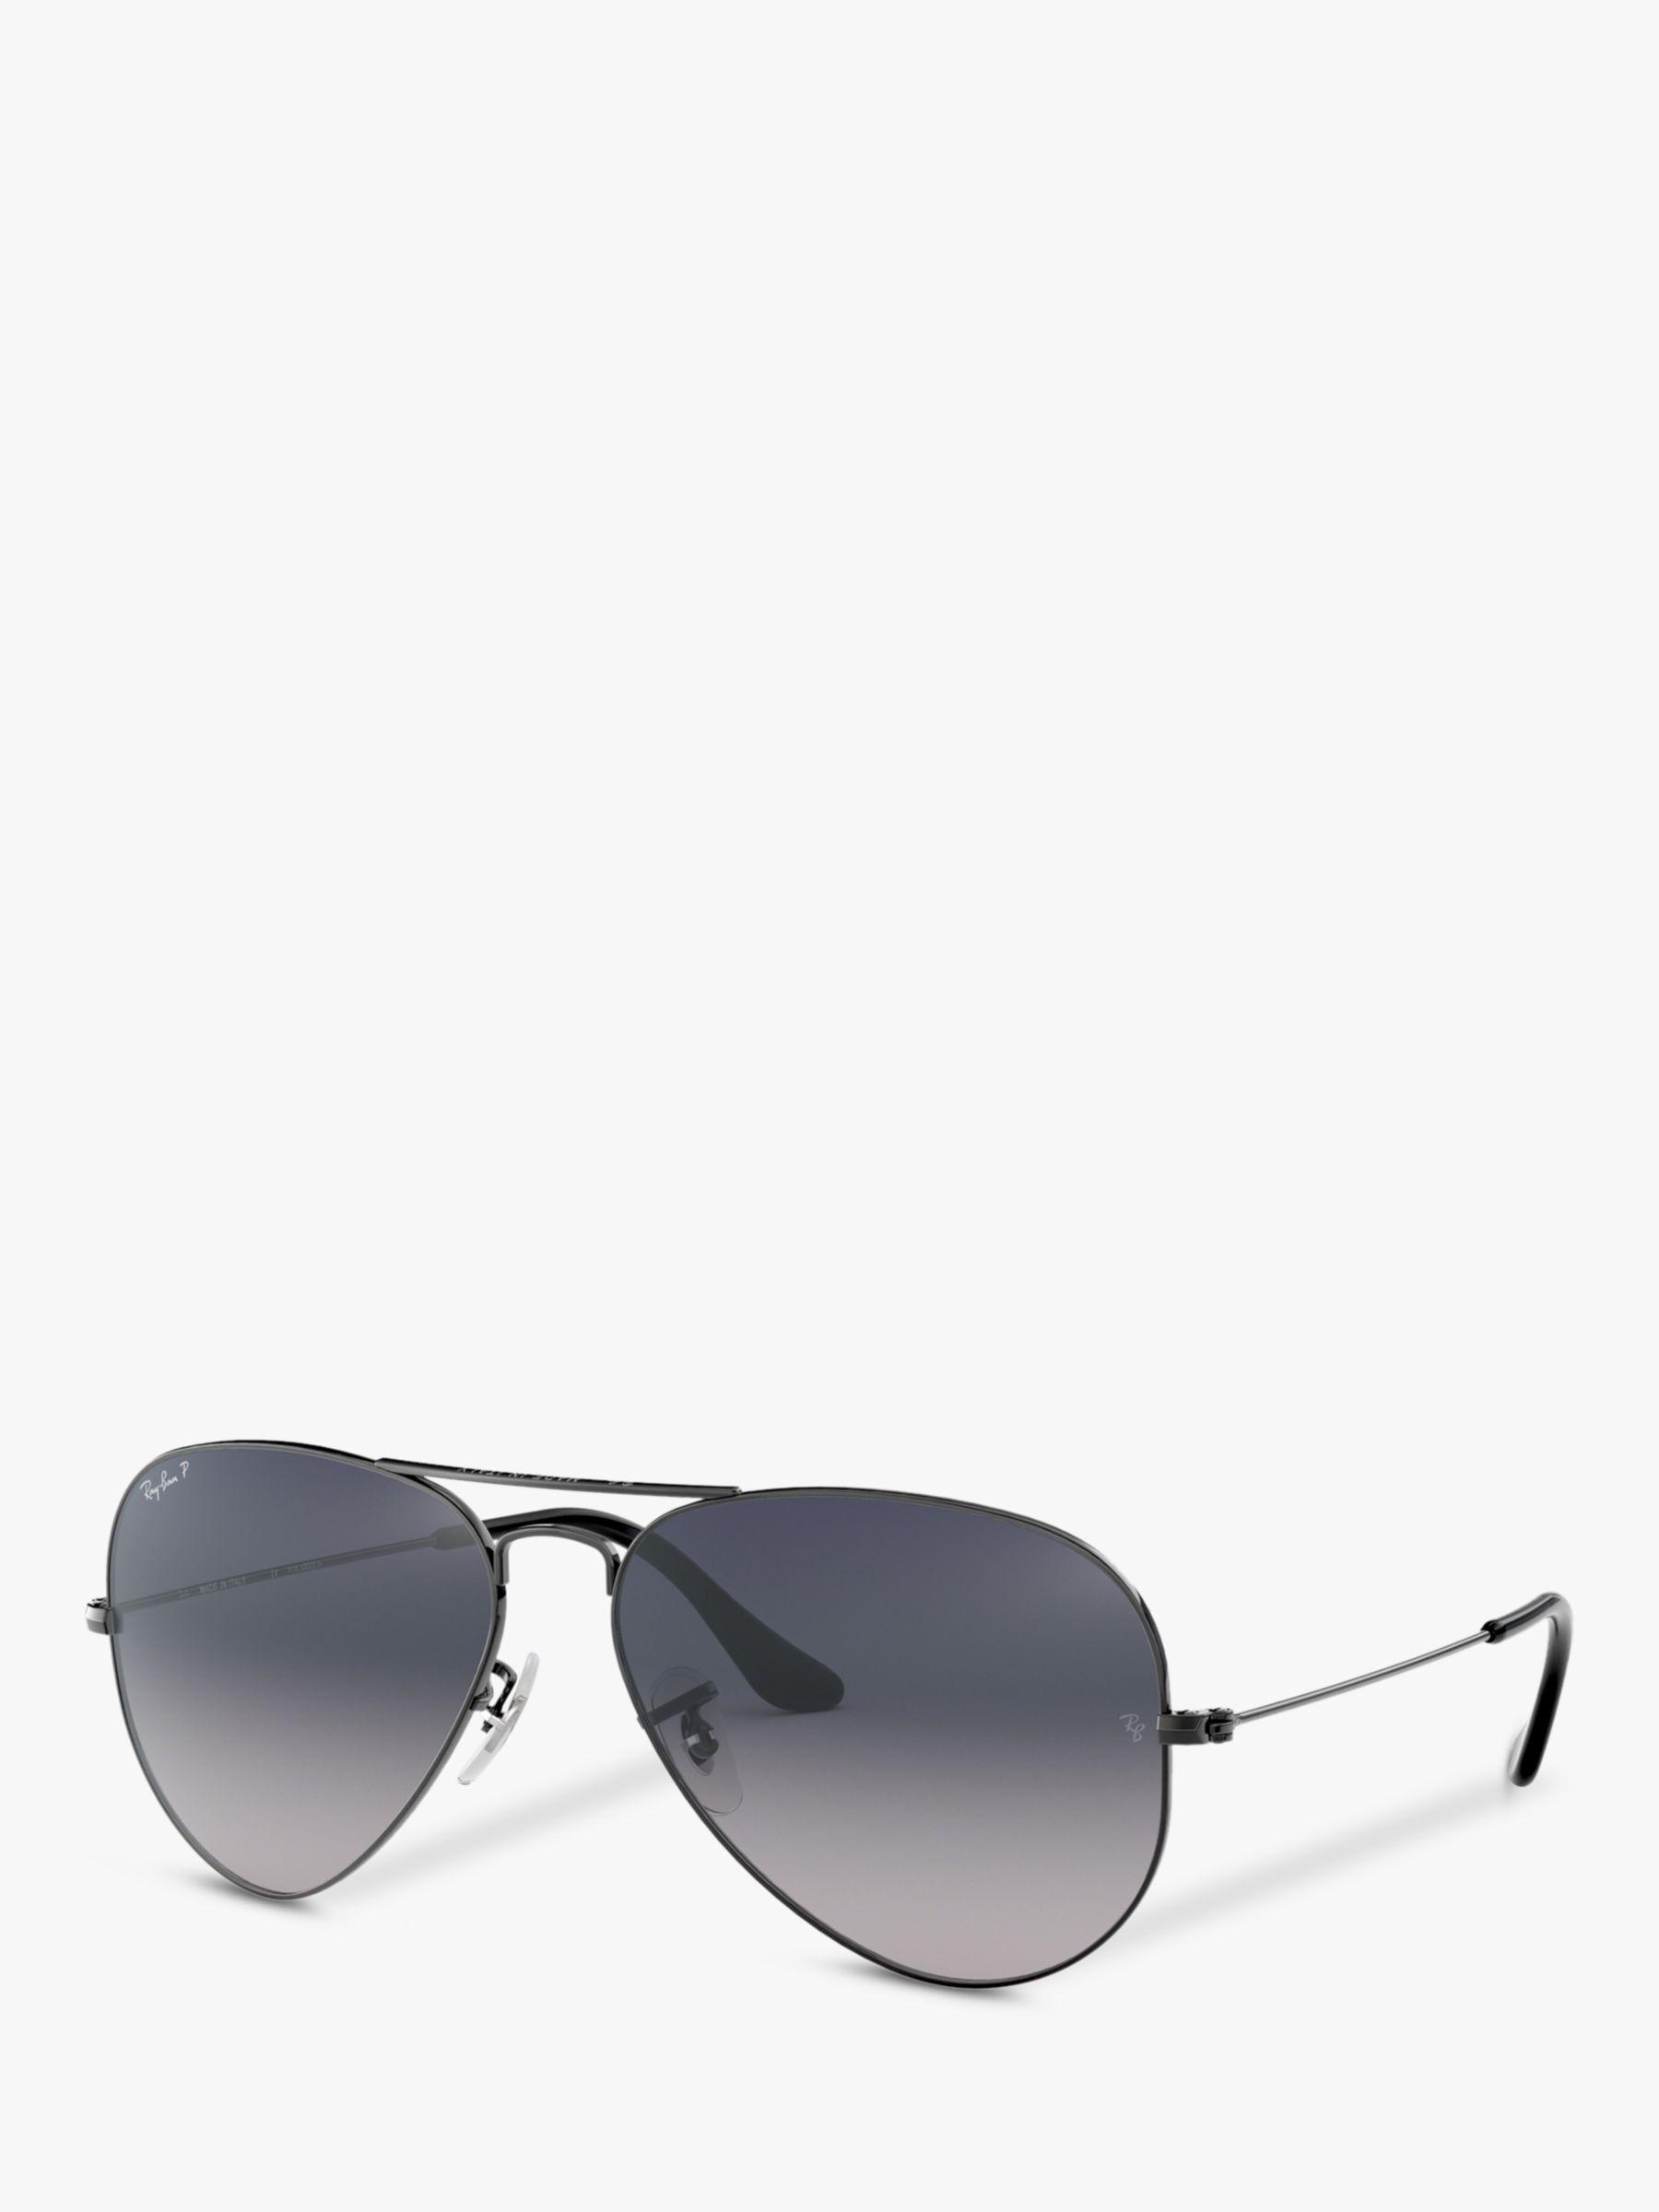 Ray-ban Ray-Ban RB3025 004/78 Aviator Sunglasses, Gunmetal